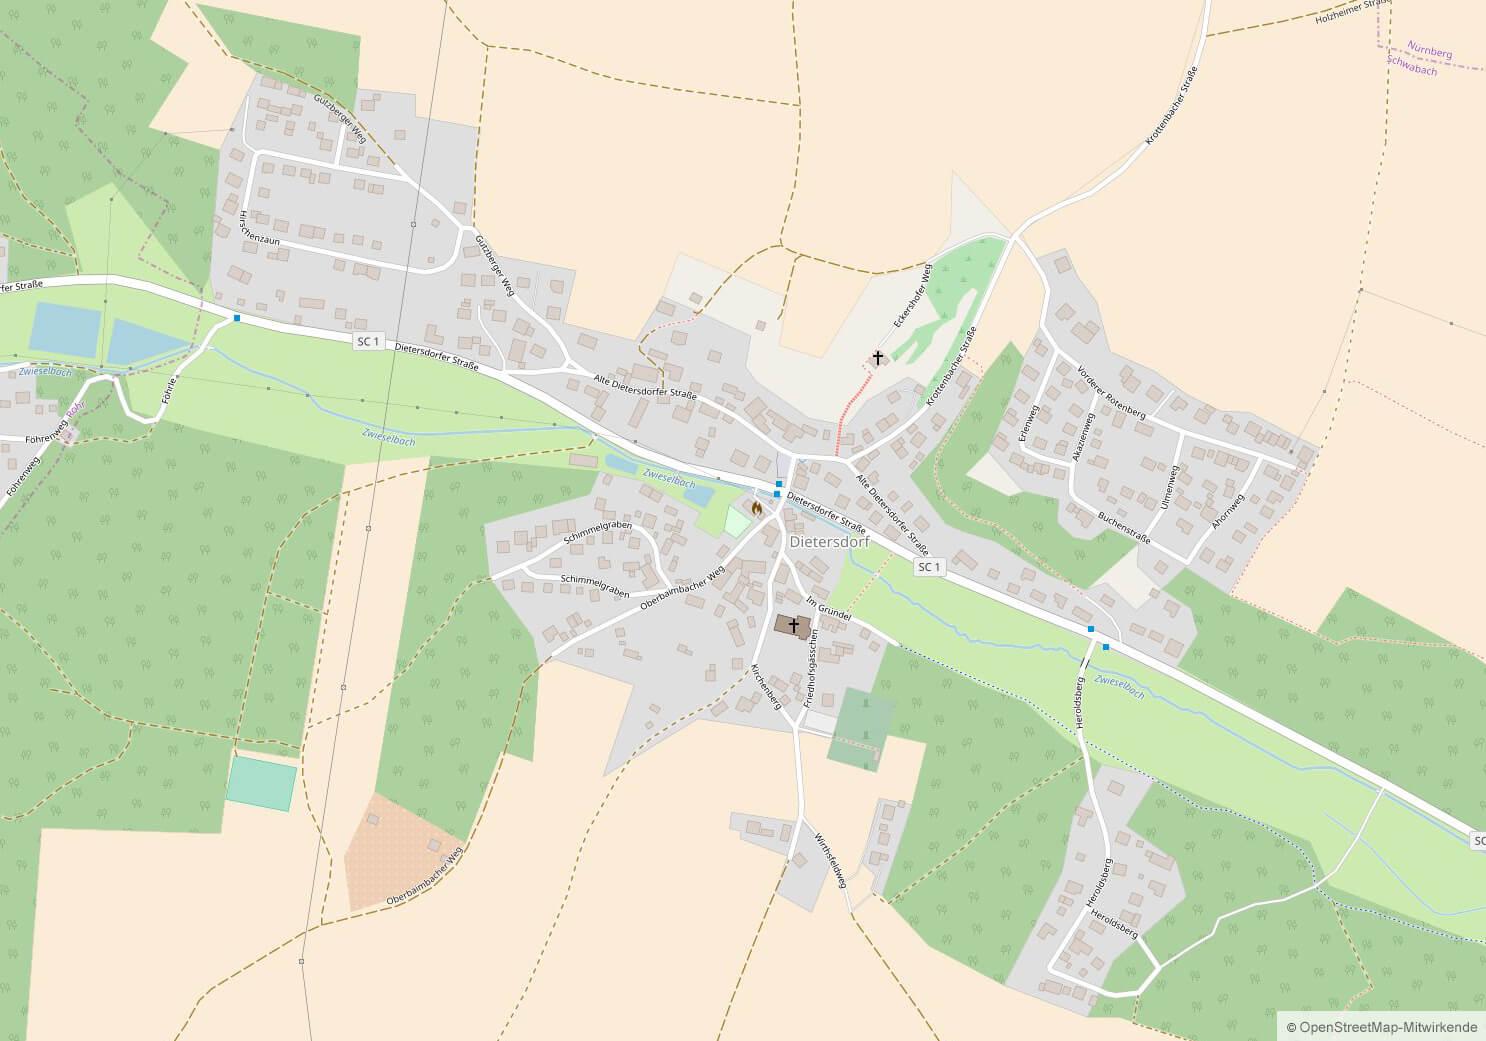 Karte Dietersdorf komplett Ansicht